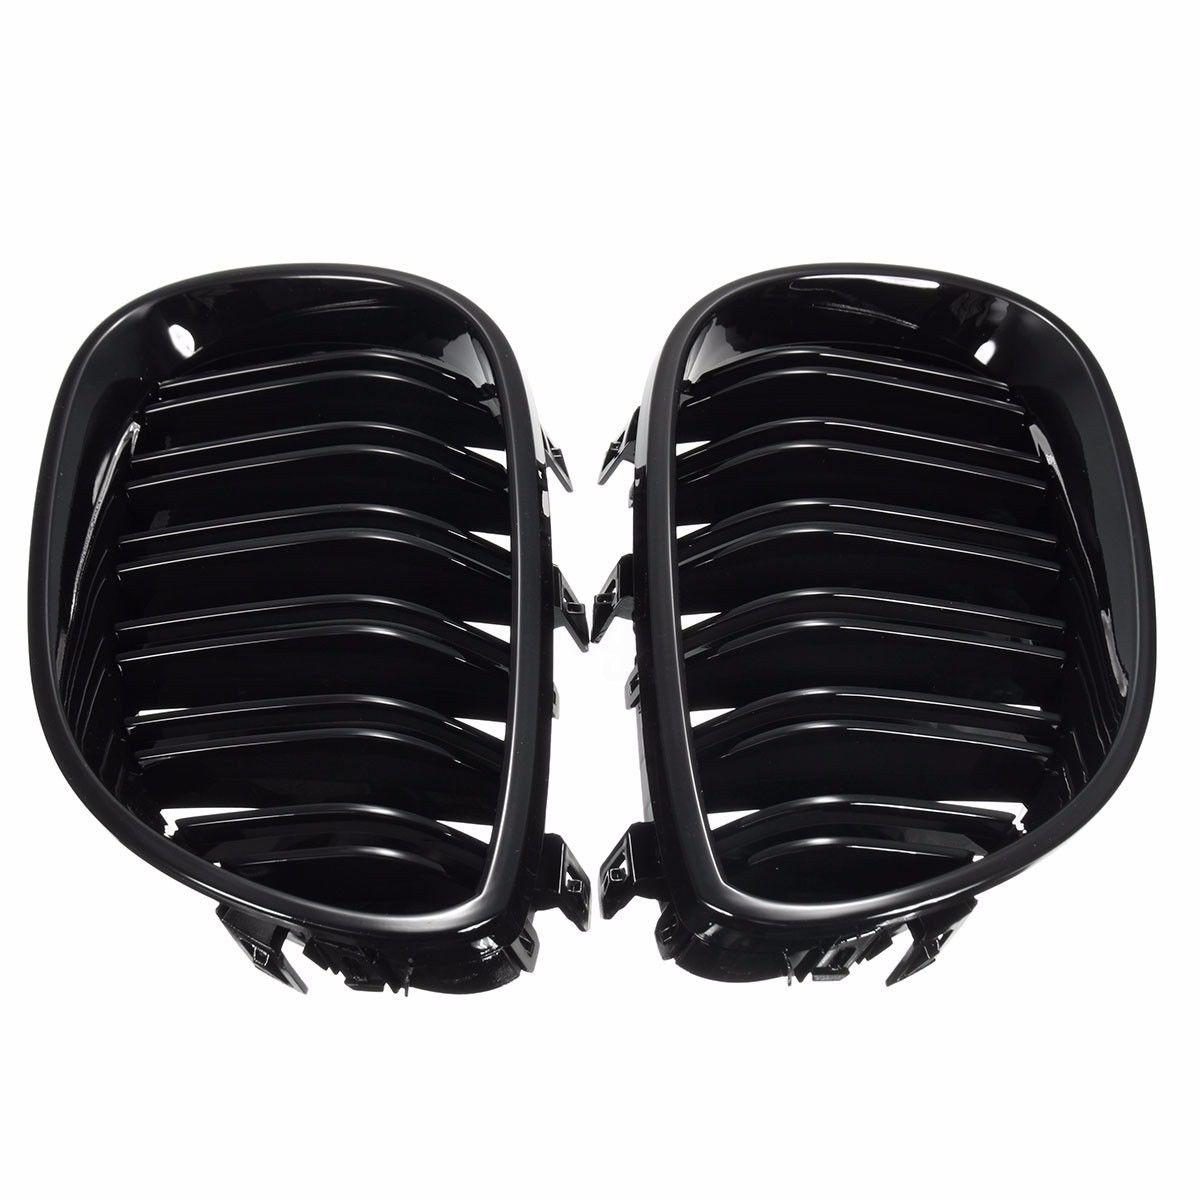 Grille de rein avant noir brillant pour BMW Grille Double ligne pour BMW E60 E61 série 5 2003-2010